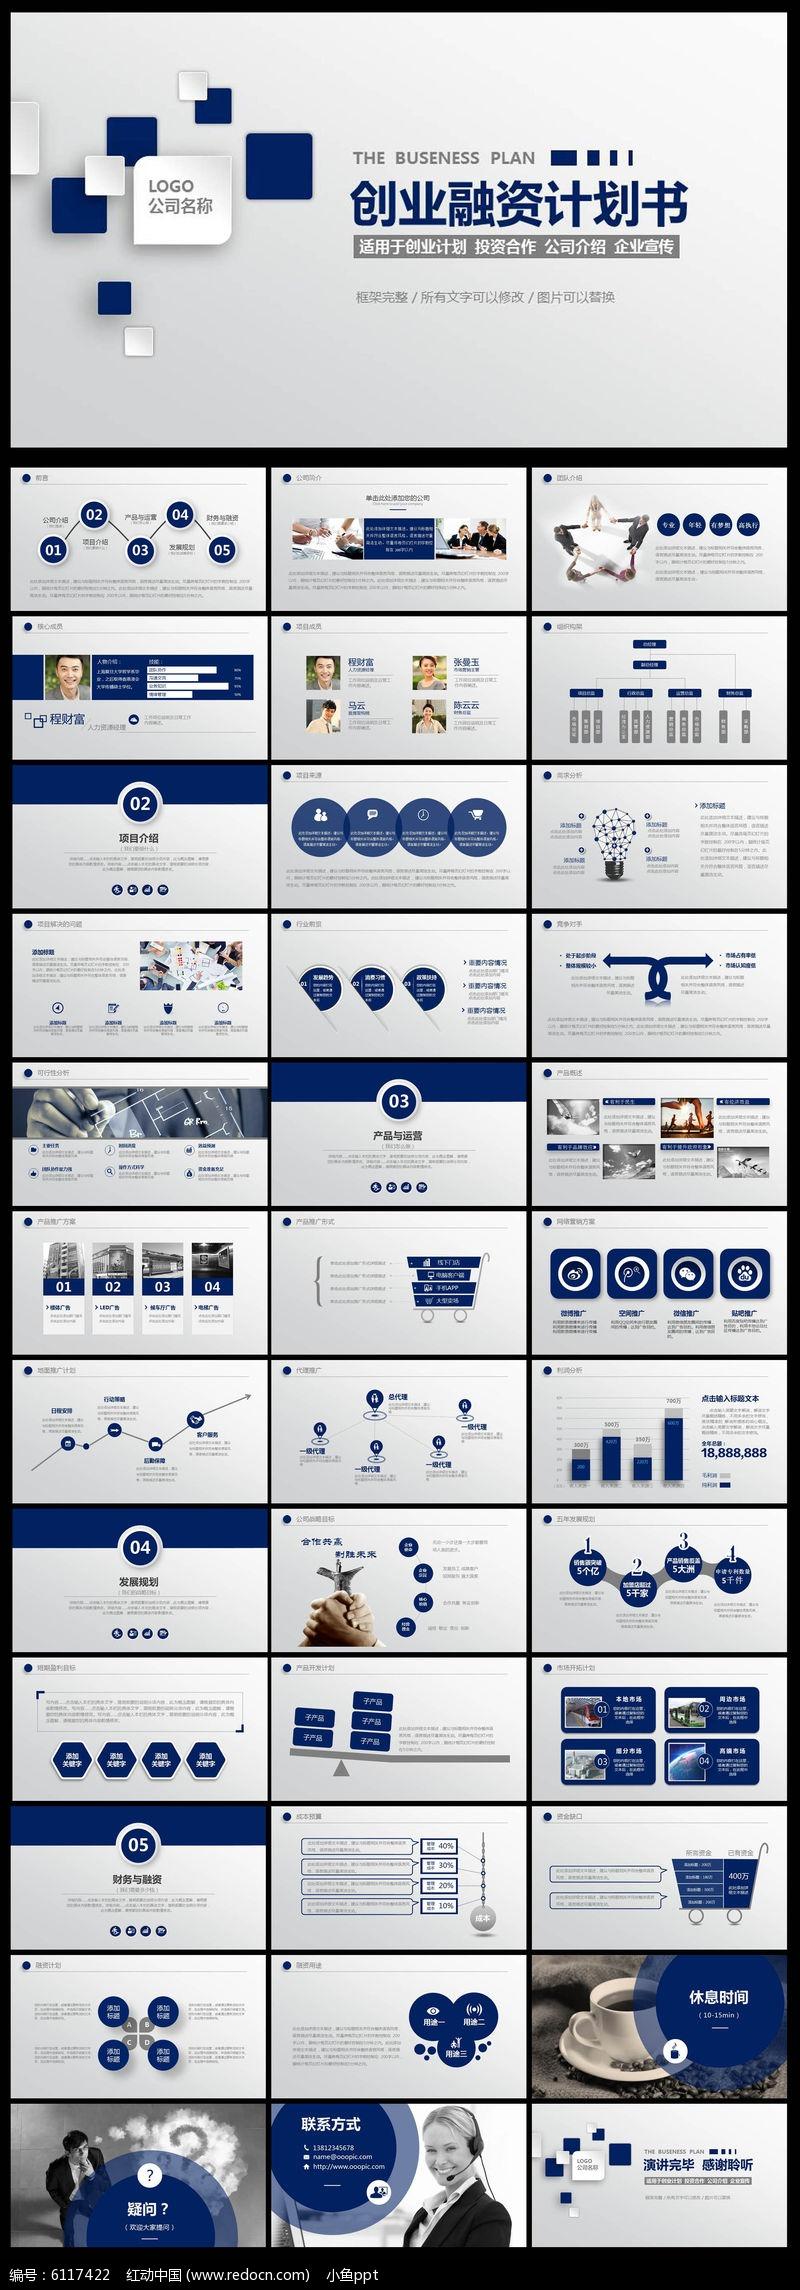 大气框架完整的商业策划书创业计划项目投资PPT模板图片